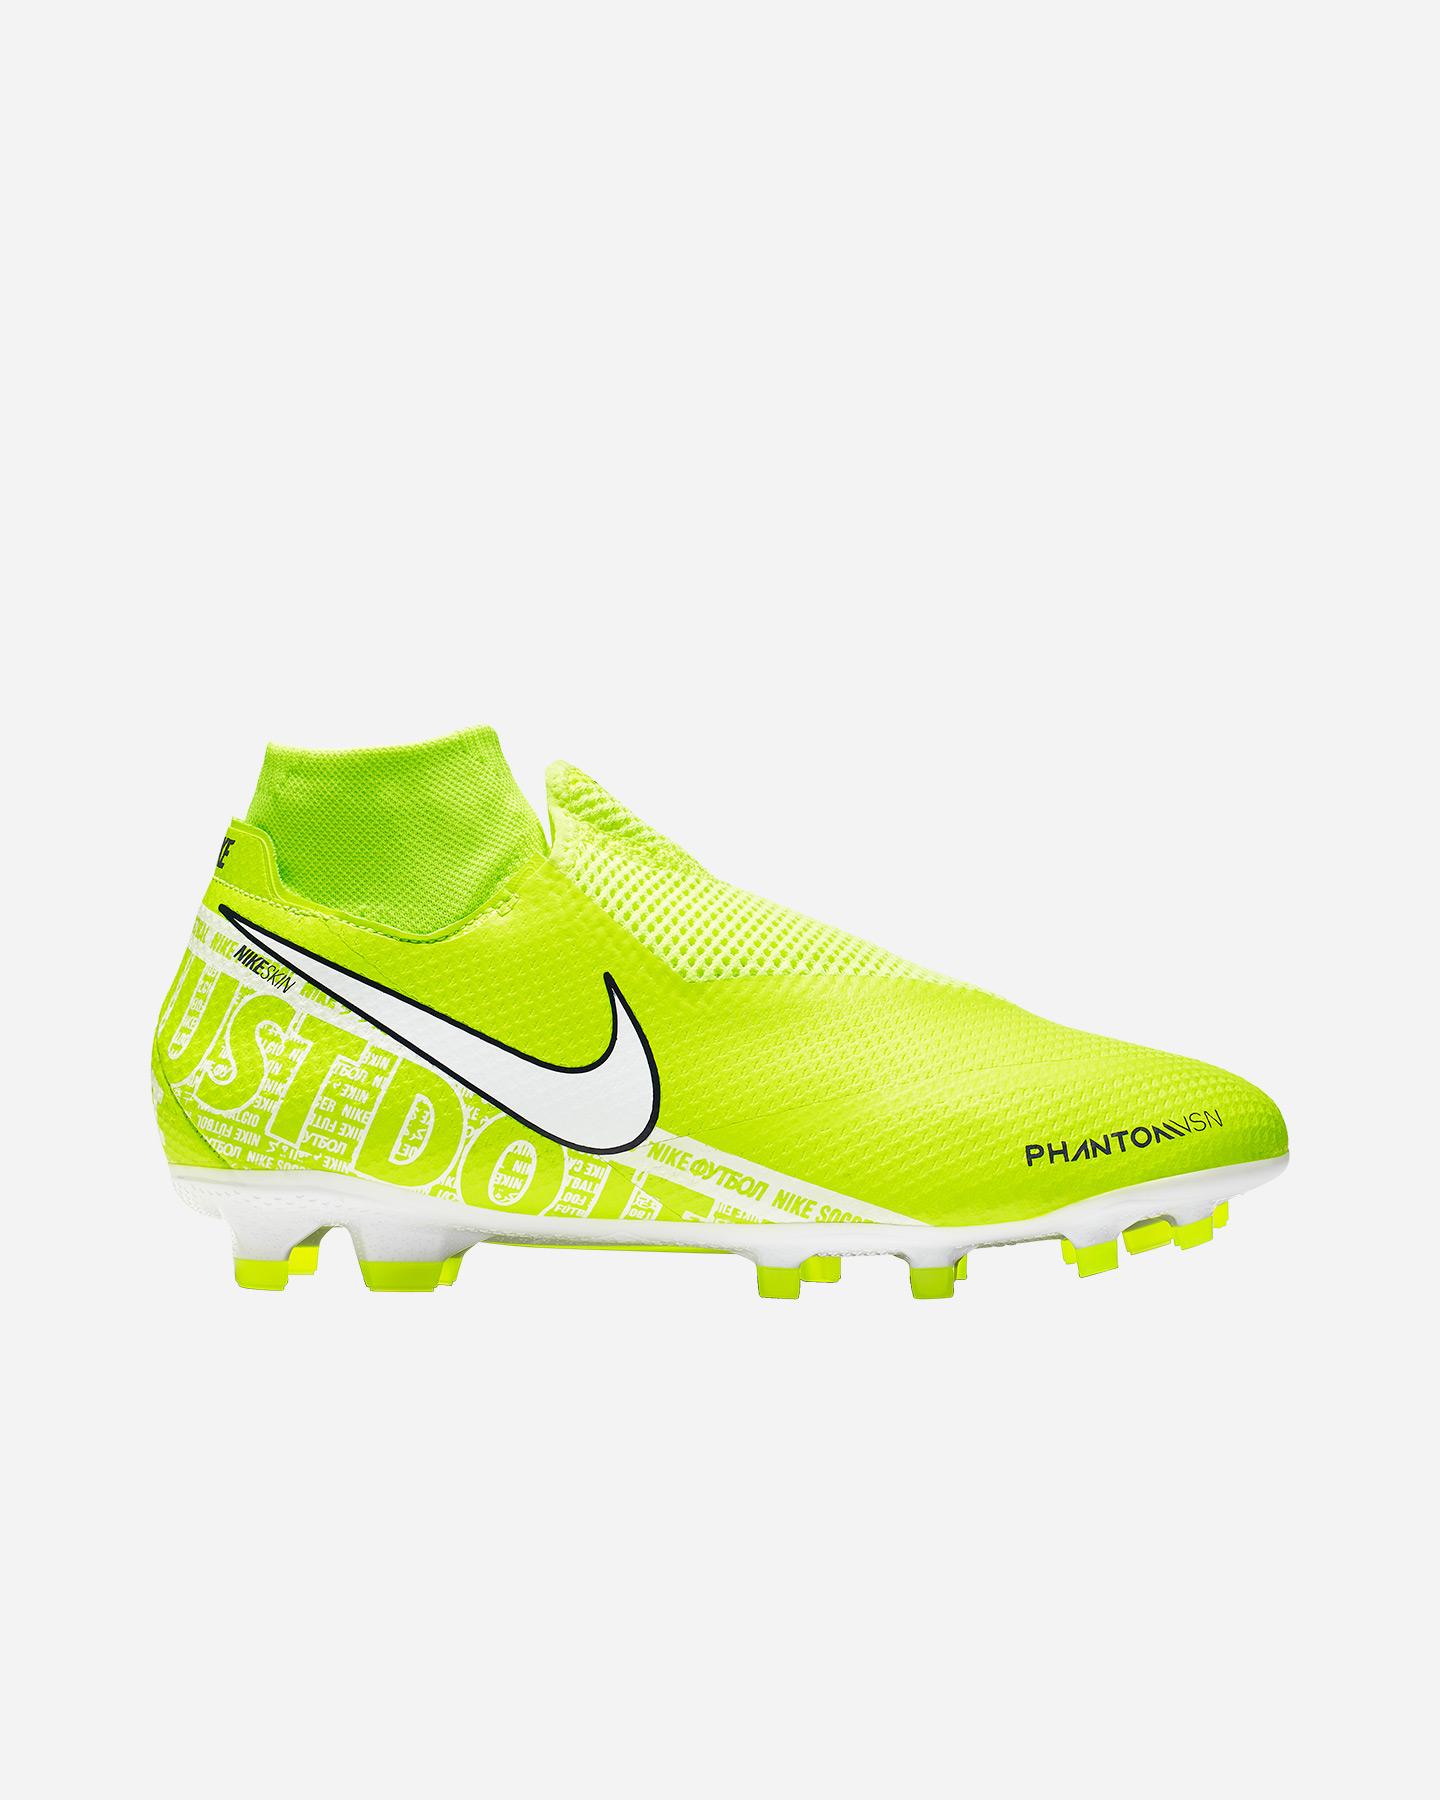 Scarpe Nike Phantom Vision II Pro DF FG